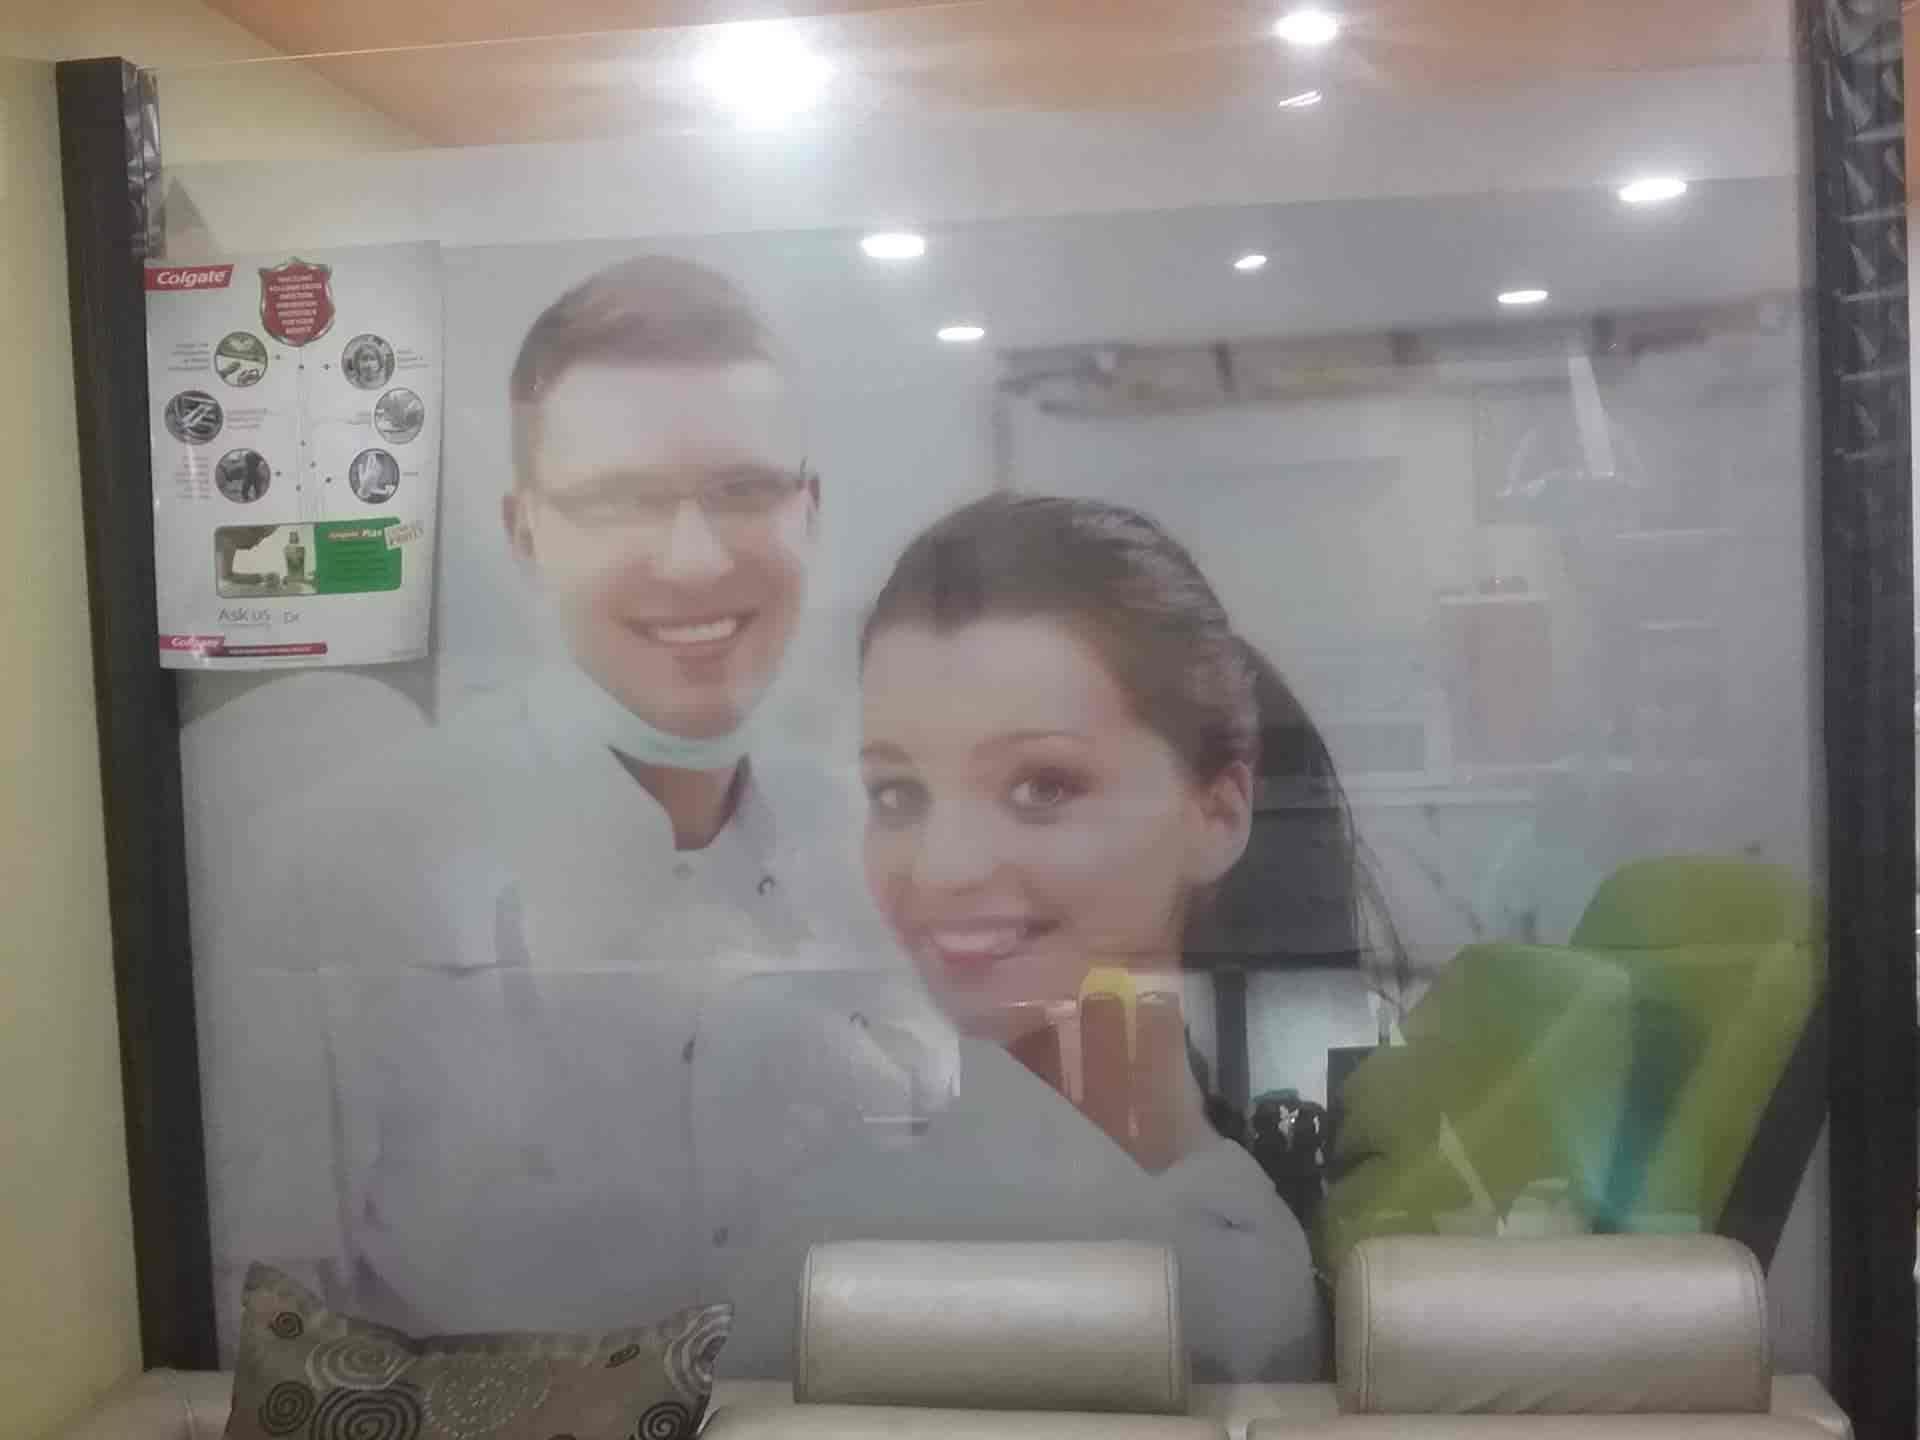 bbfac5b8e Vip Dental Care